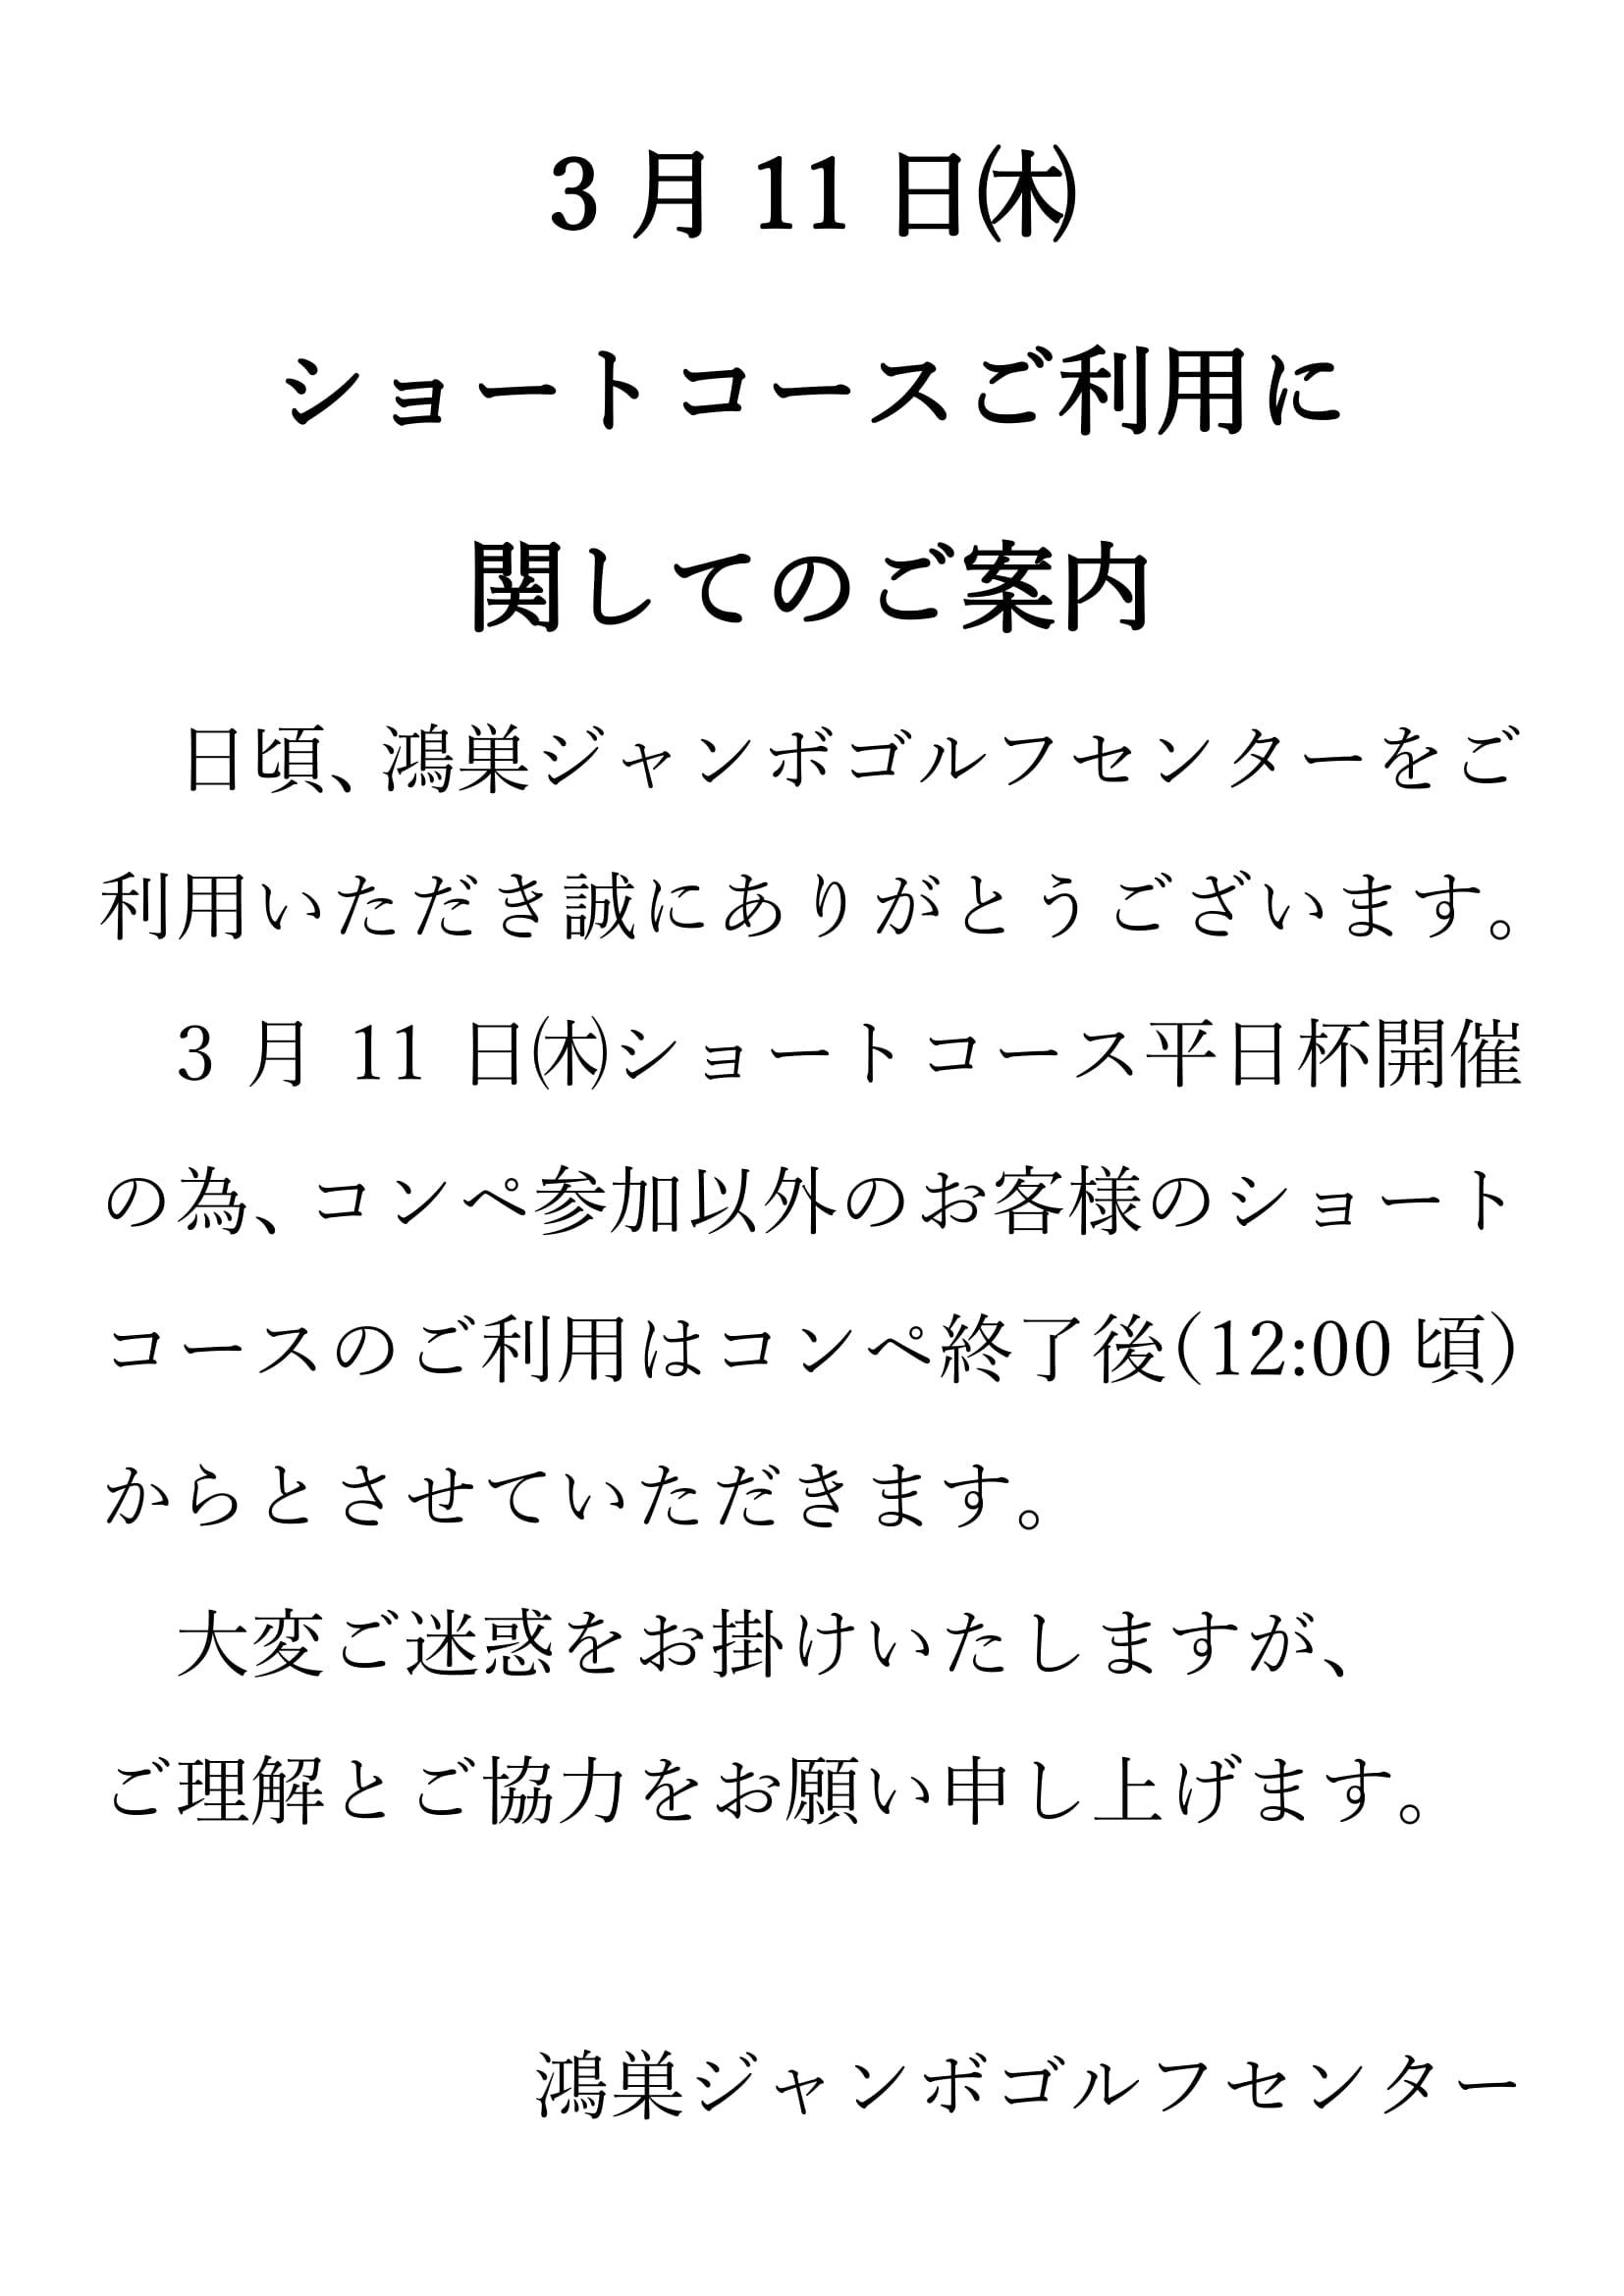 者 鴻巣 市 感染 鴻巣市|新型コロナウイルス感染症の埼玉県内のニュースやお役立ち情報